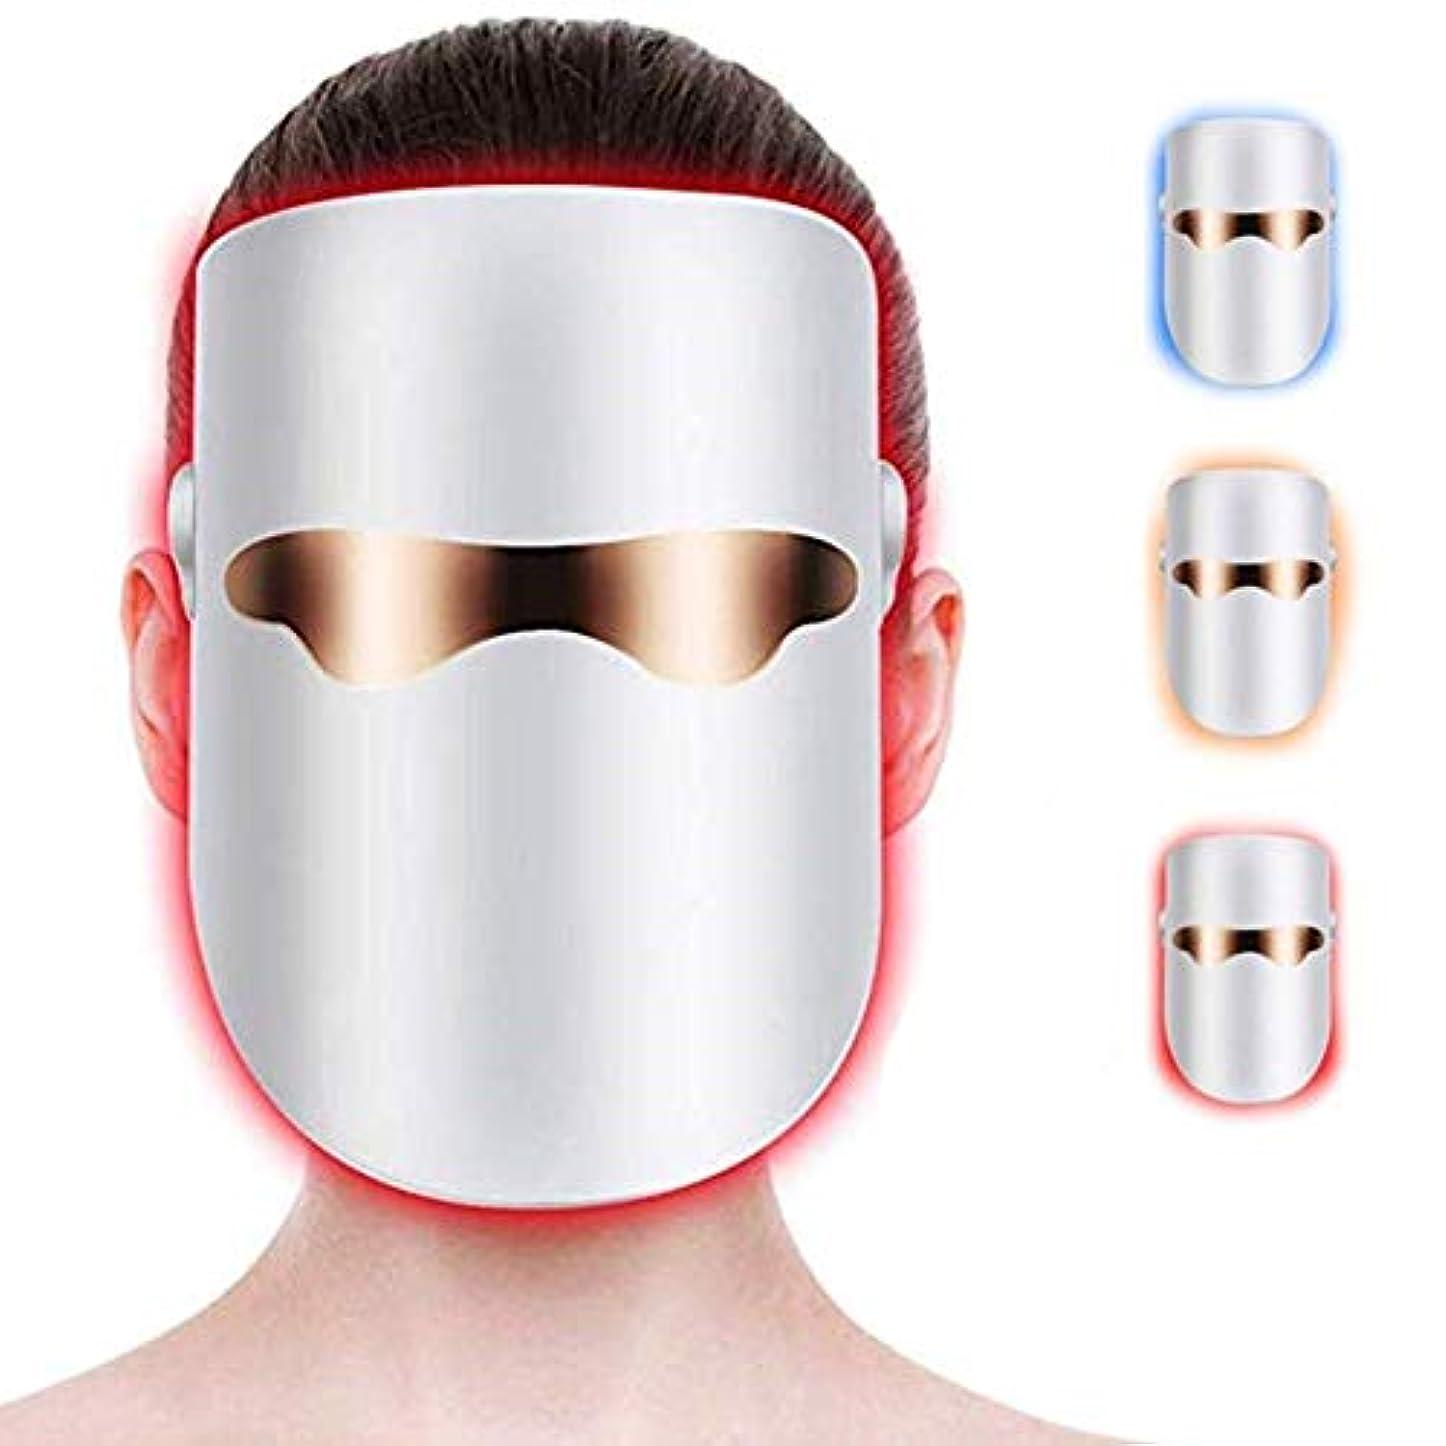 パイント治世潤滑するLEDフォトンフェイスマスク、しわ用美容スキンケアマスク、にきびアンチエイジング